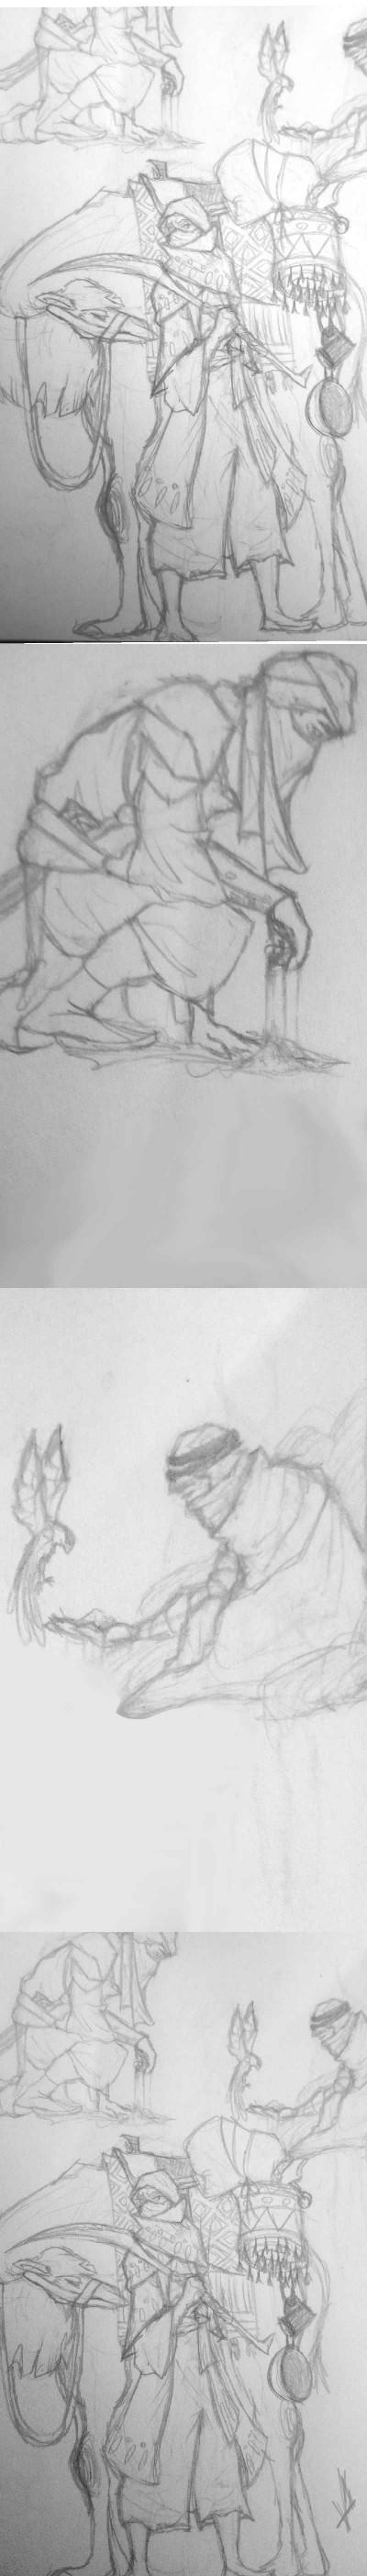 some desert dudes  | Llama_Lord | Digital Drawing | PENUP